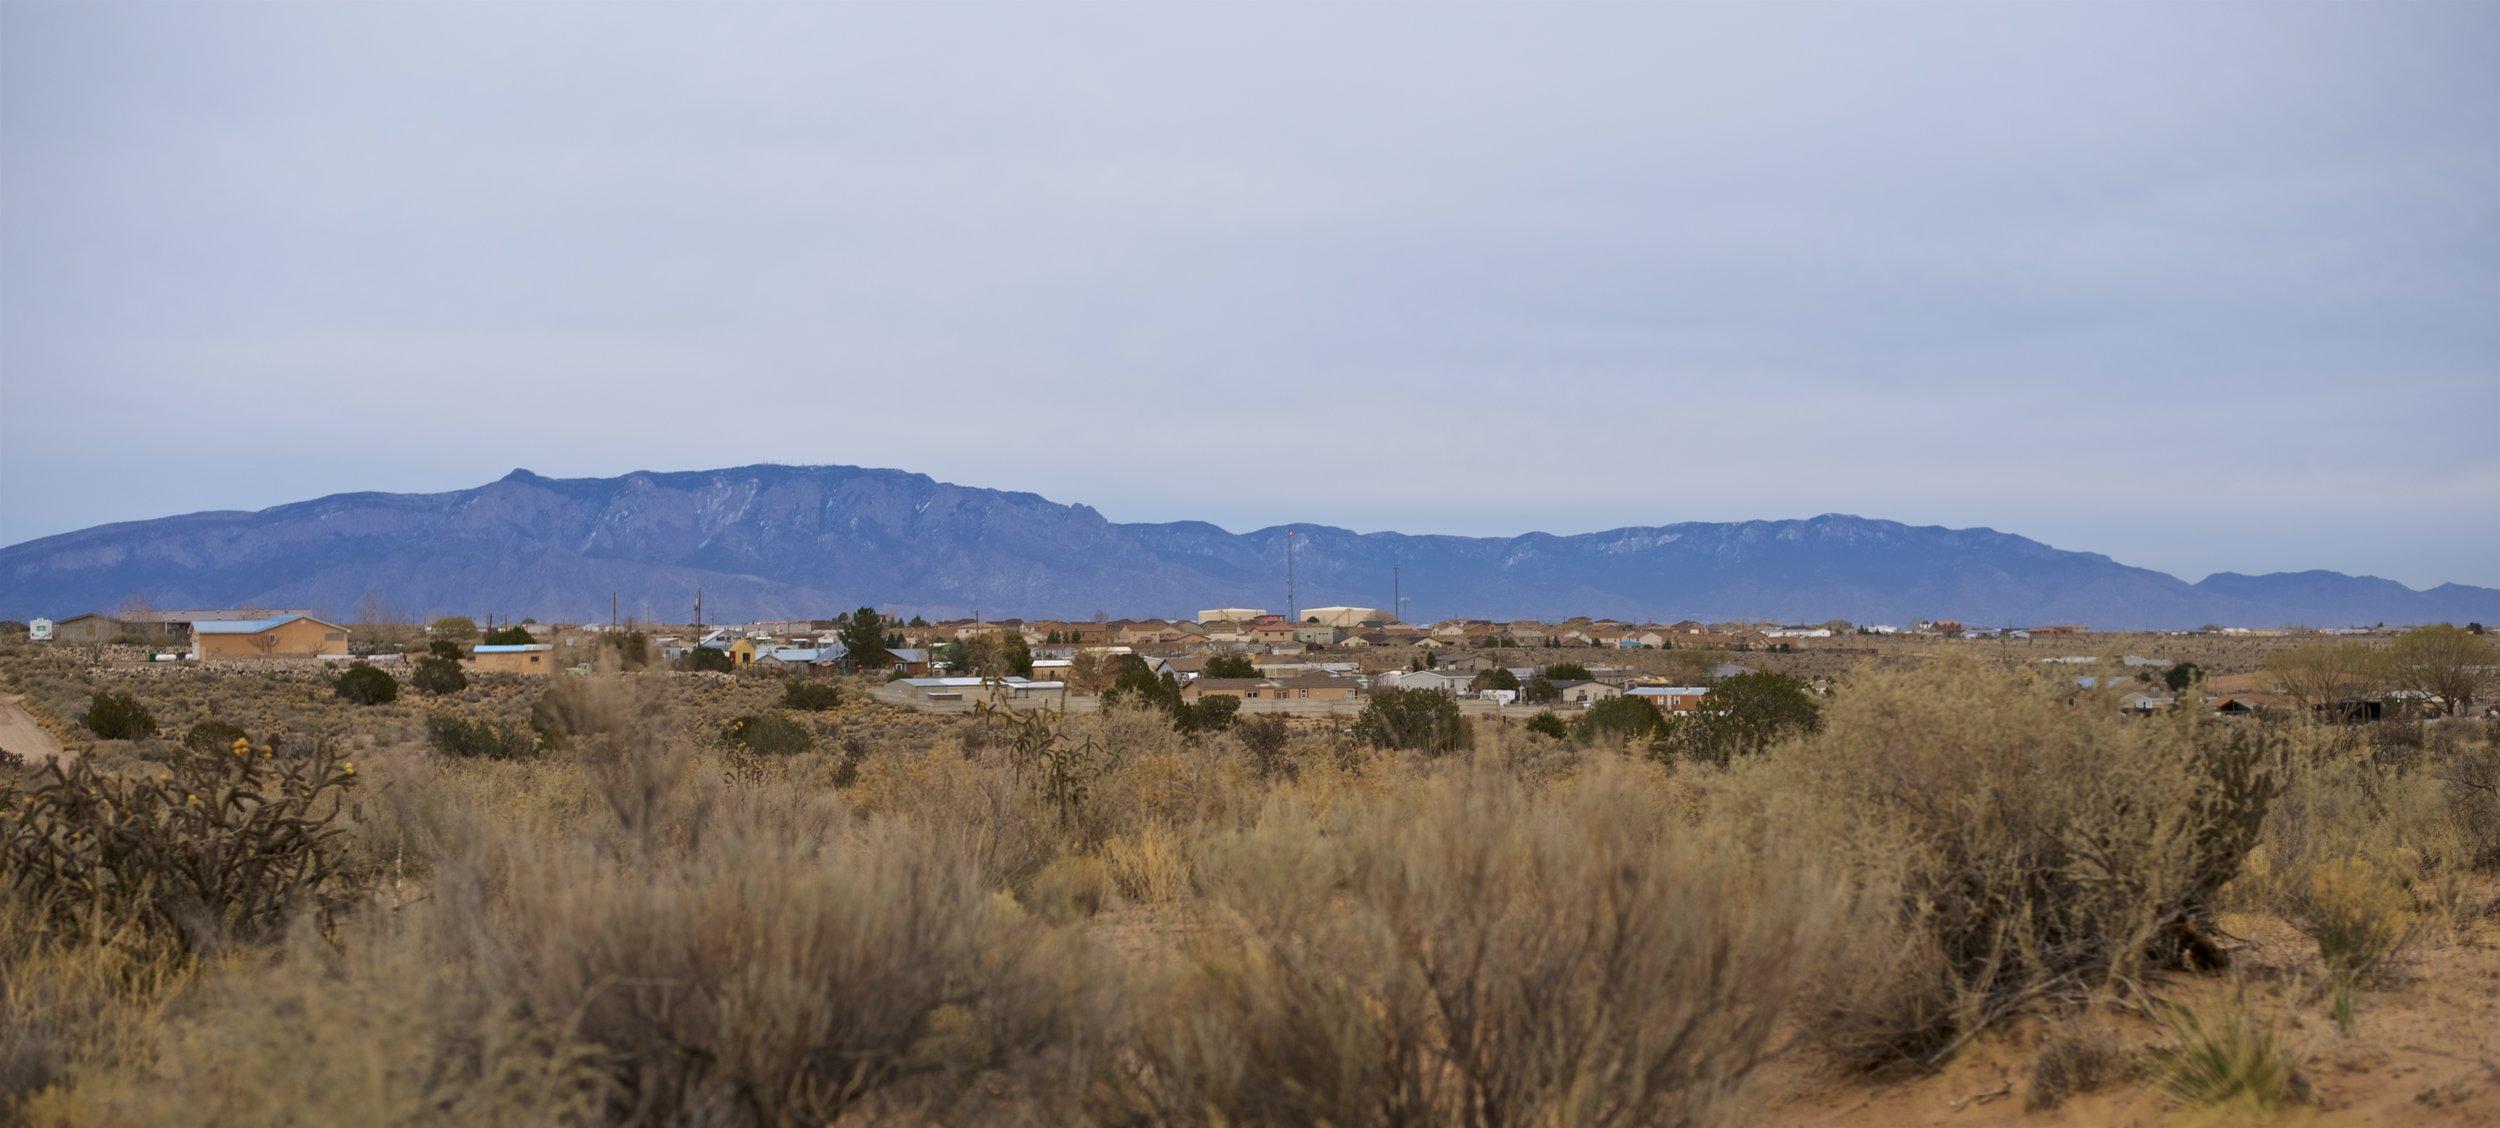 SNNM-2341-rio-rancho-85821.jpg